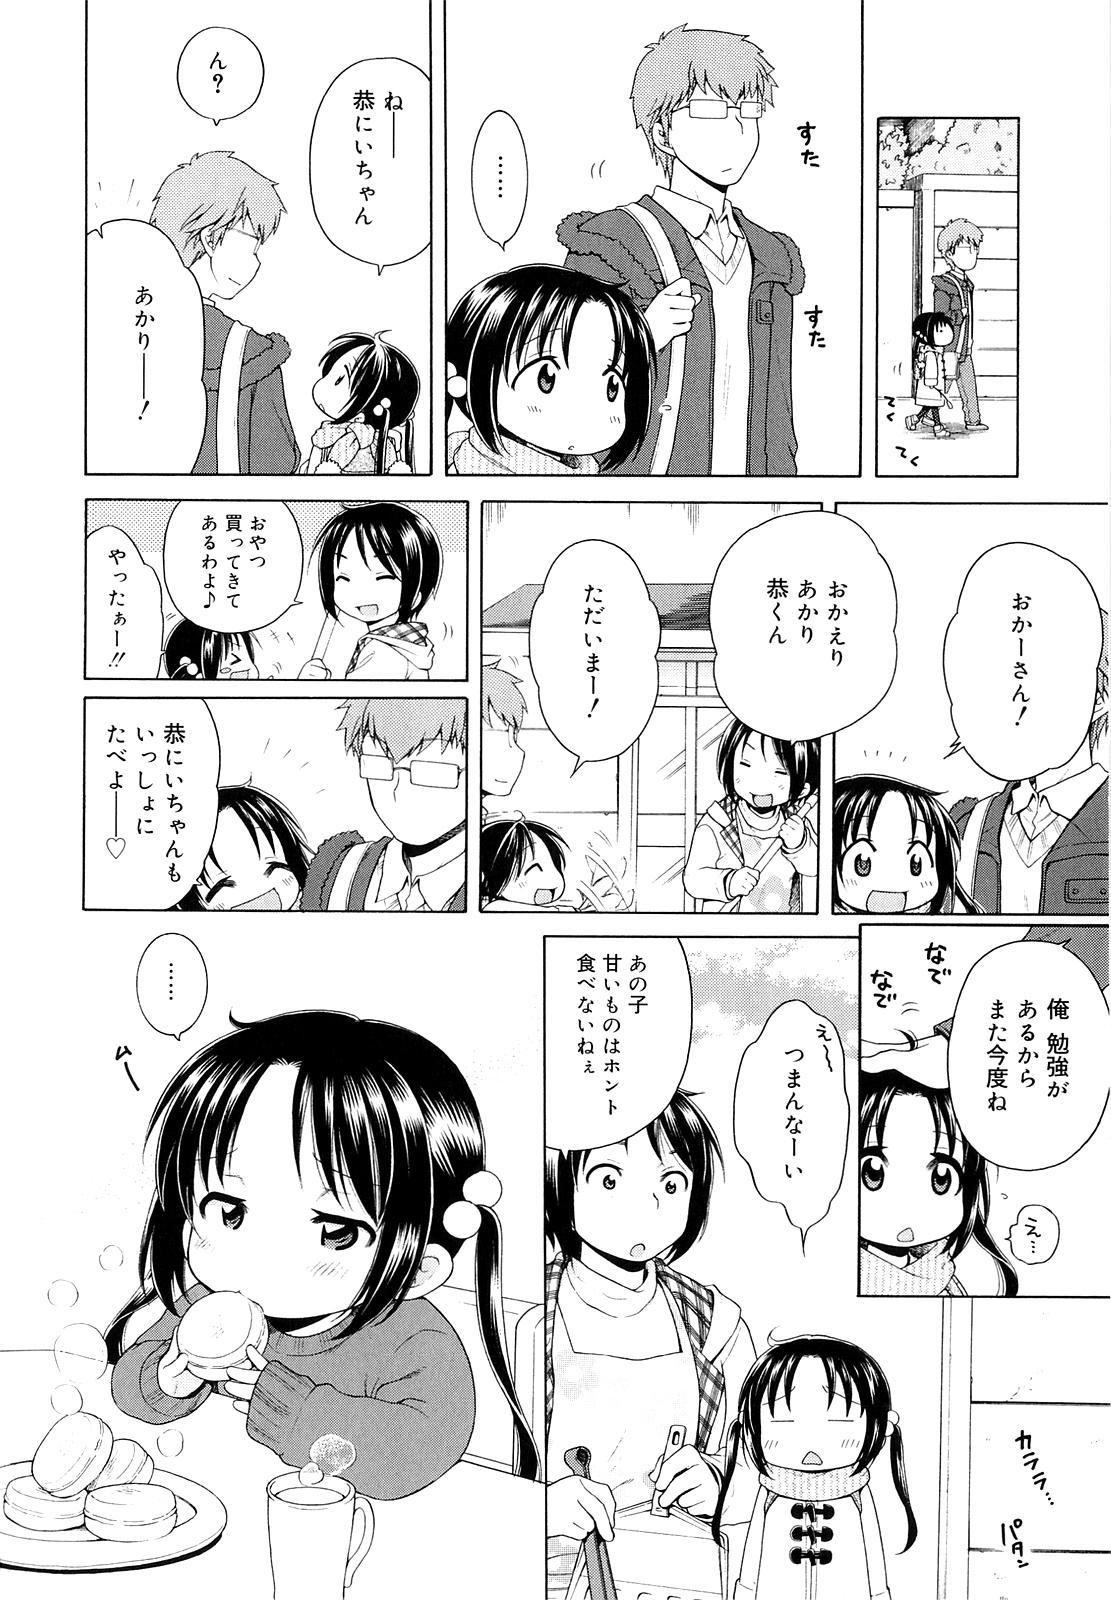 Tsukimisou no Akari 75